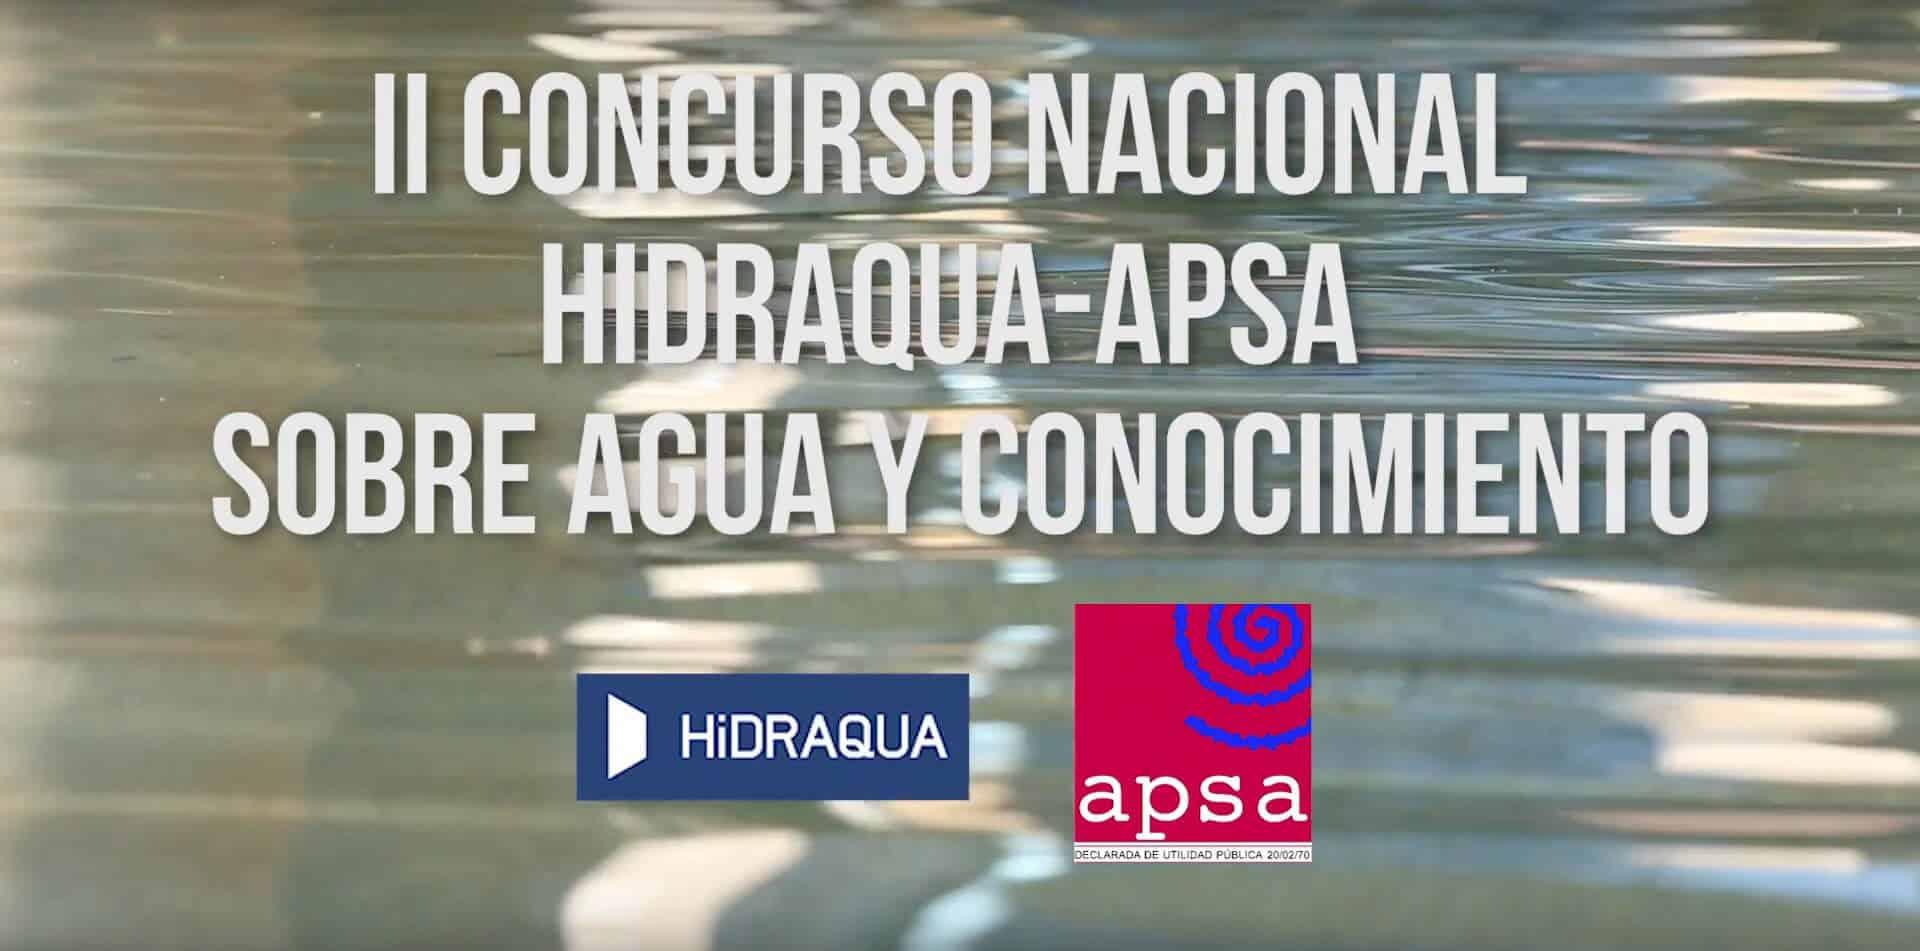 La productora audiovisual de Alicante Producciones GDP fue la encargada de llevar a cabo el Spot Concurso Nacional Hidraqua-APSA sobre agua y conocimiento.